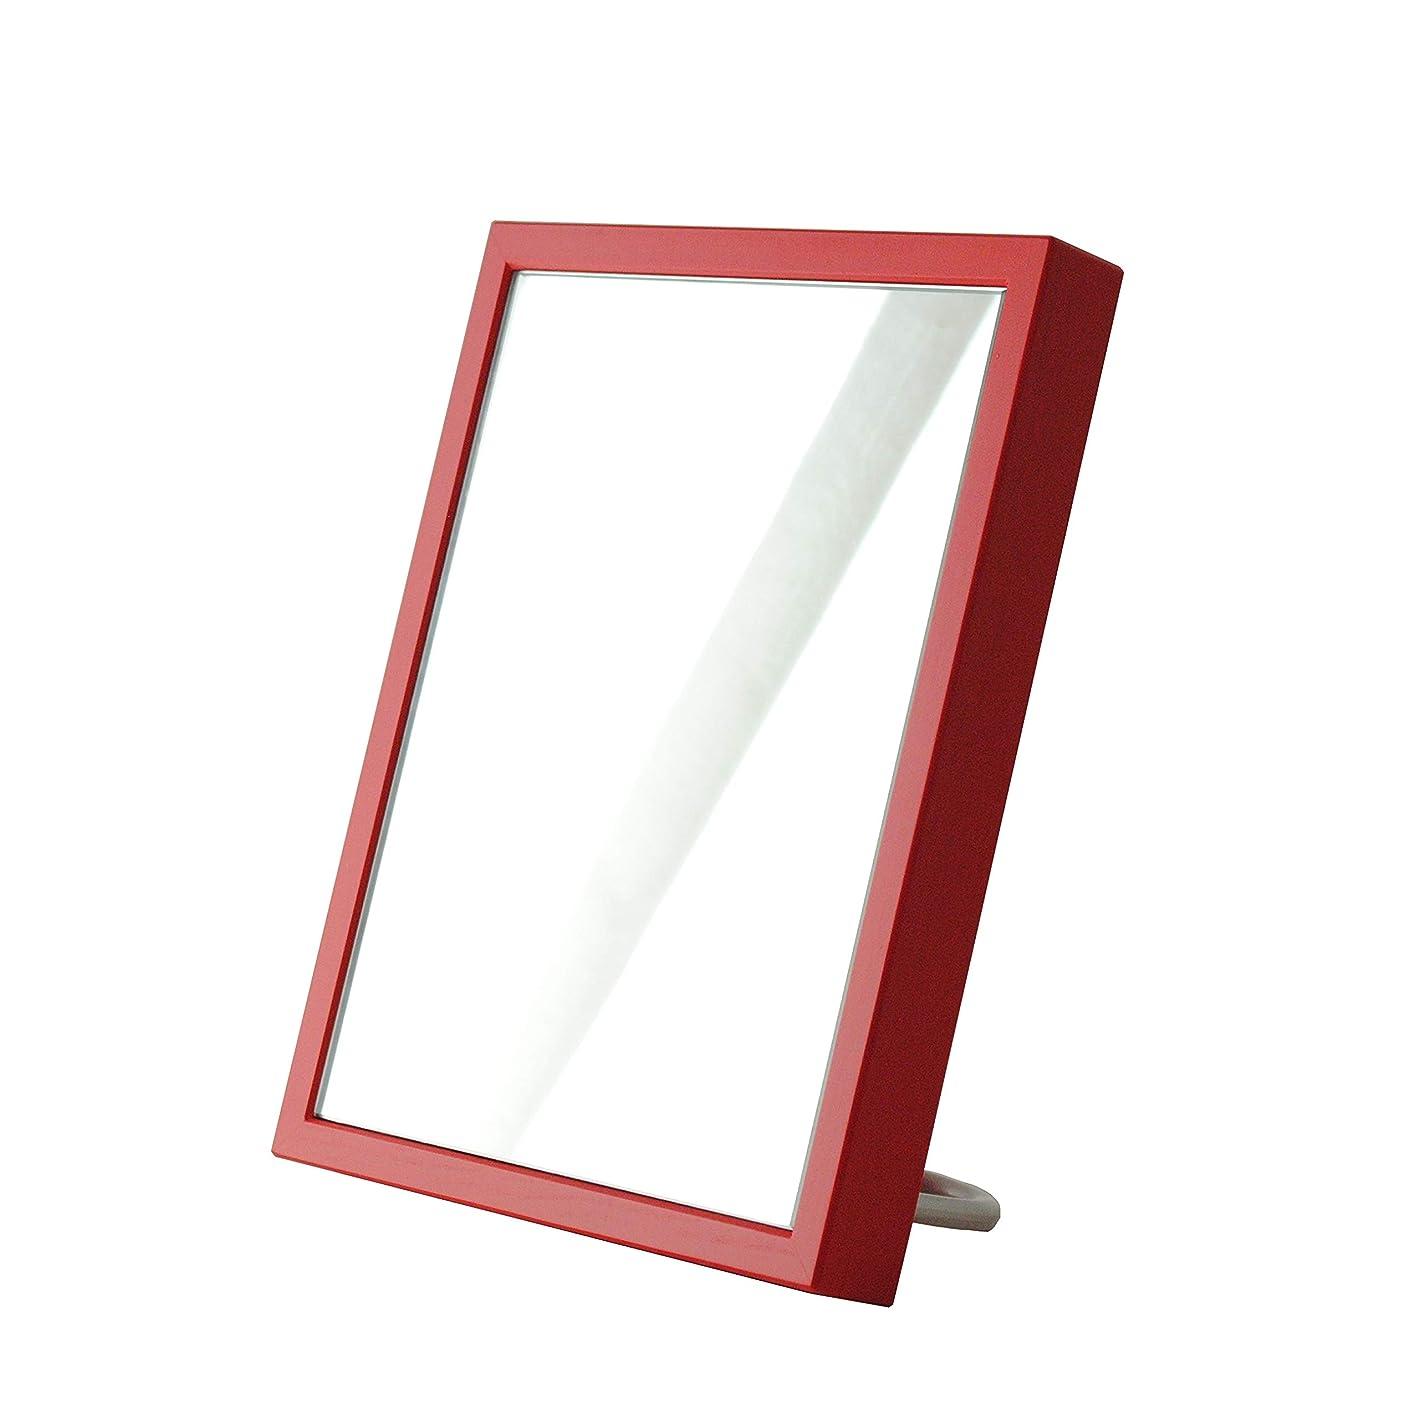 お肉成長分配しますSENNOKI 卓上 ミラー 16cm × 20cm 選べる10色 ギフト 壁掛け 木製 フレーム シンプル 鏡 日本製 赤 レッド